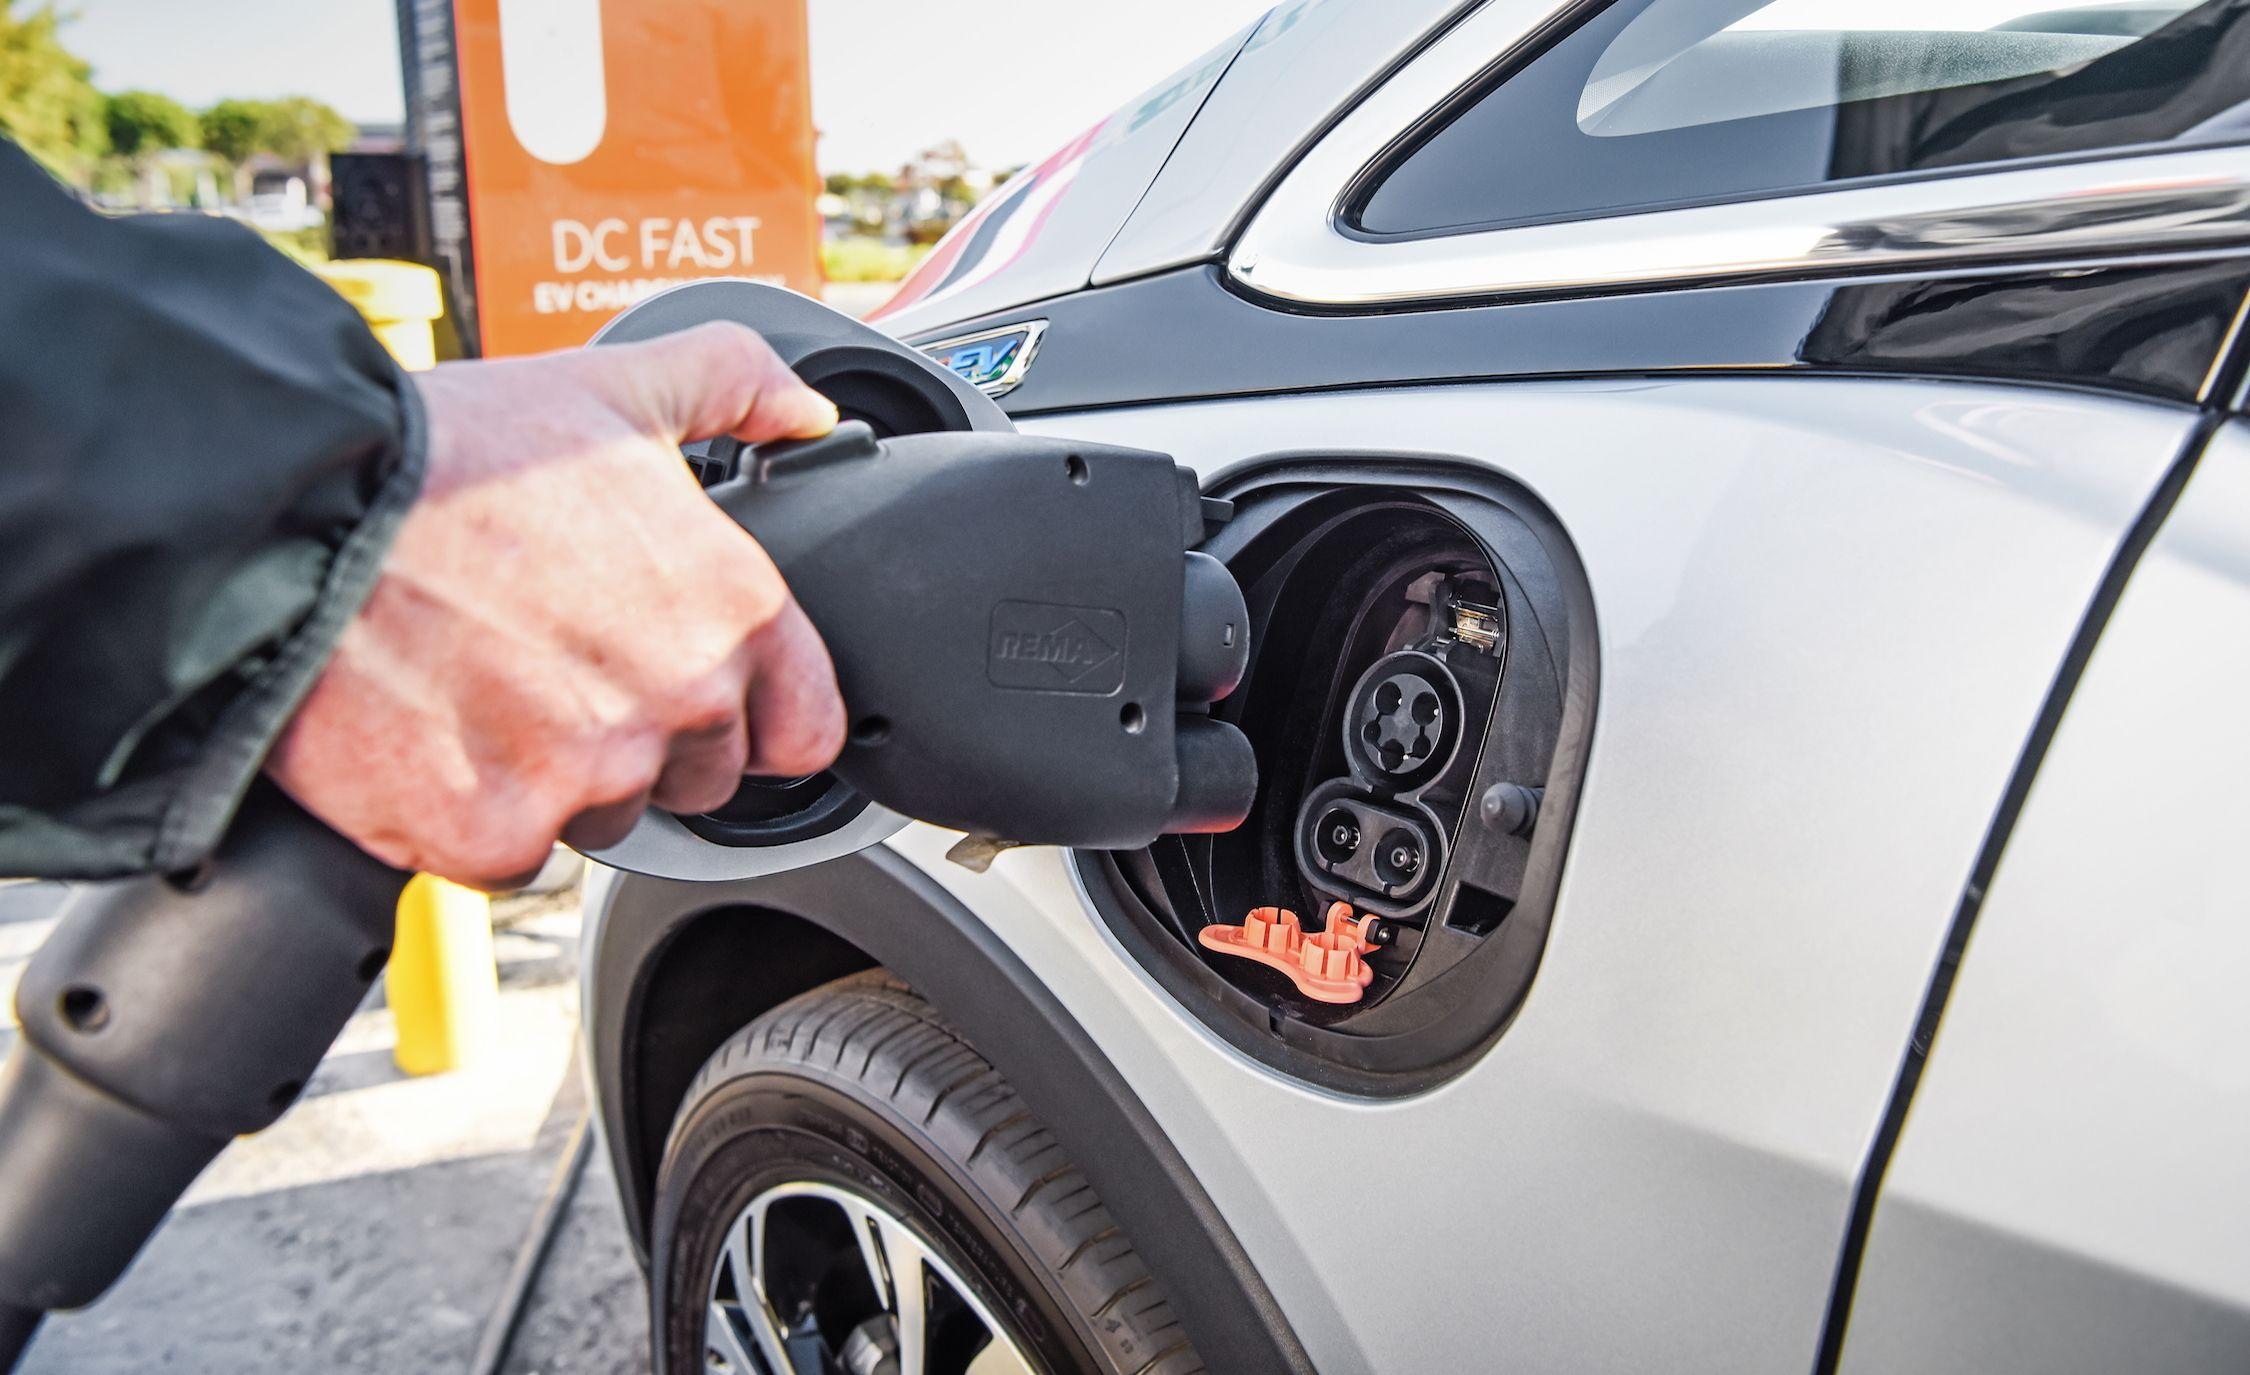 Tesla rapid charge